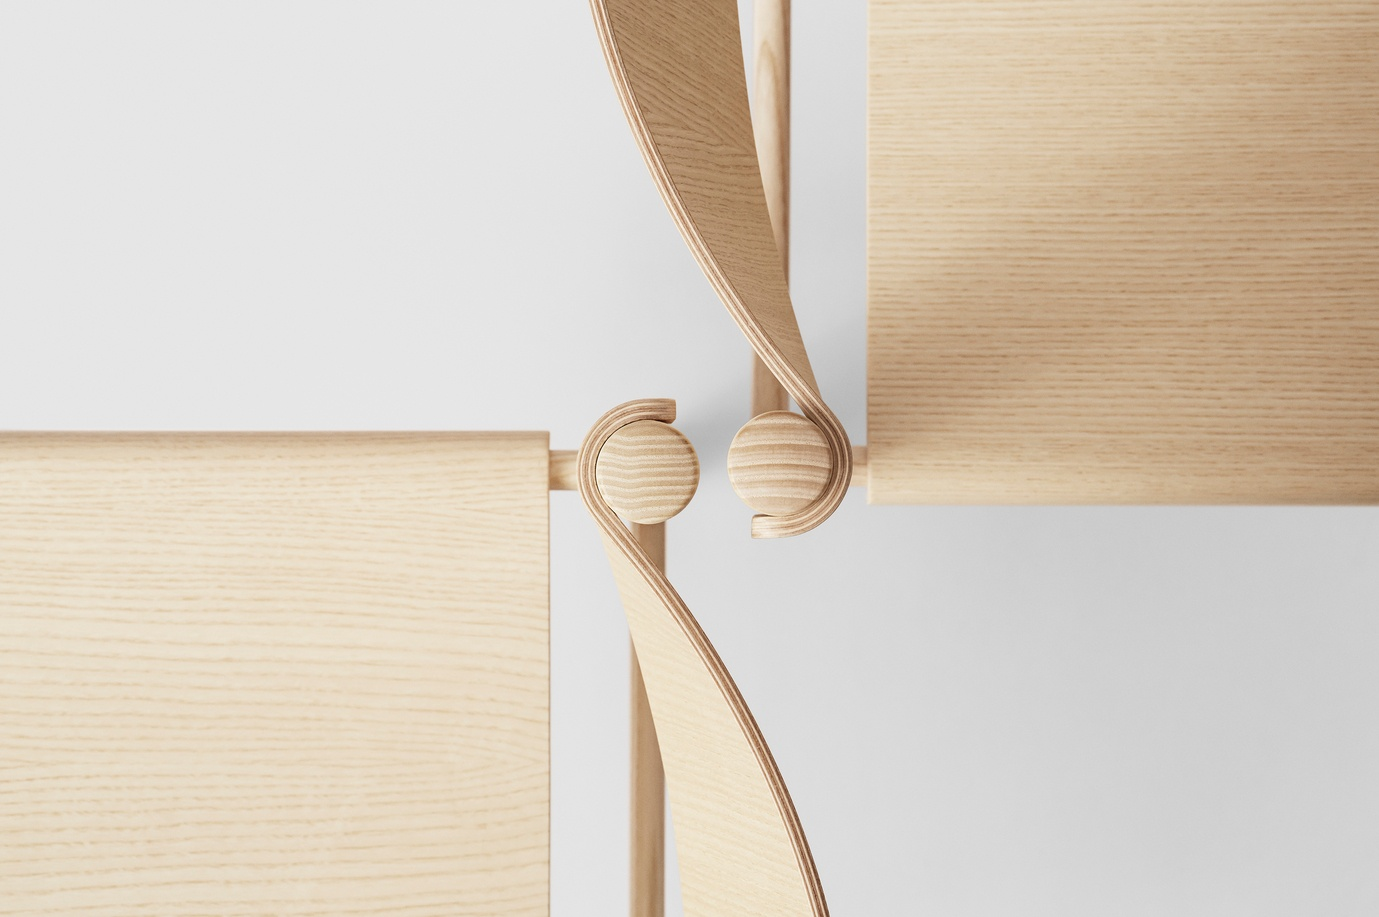 t02-soft-chair_33638568918_o